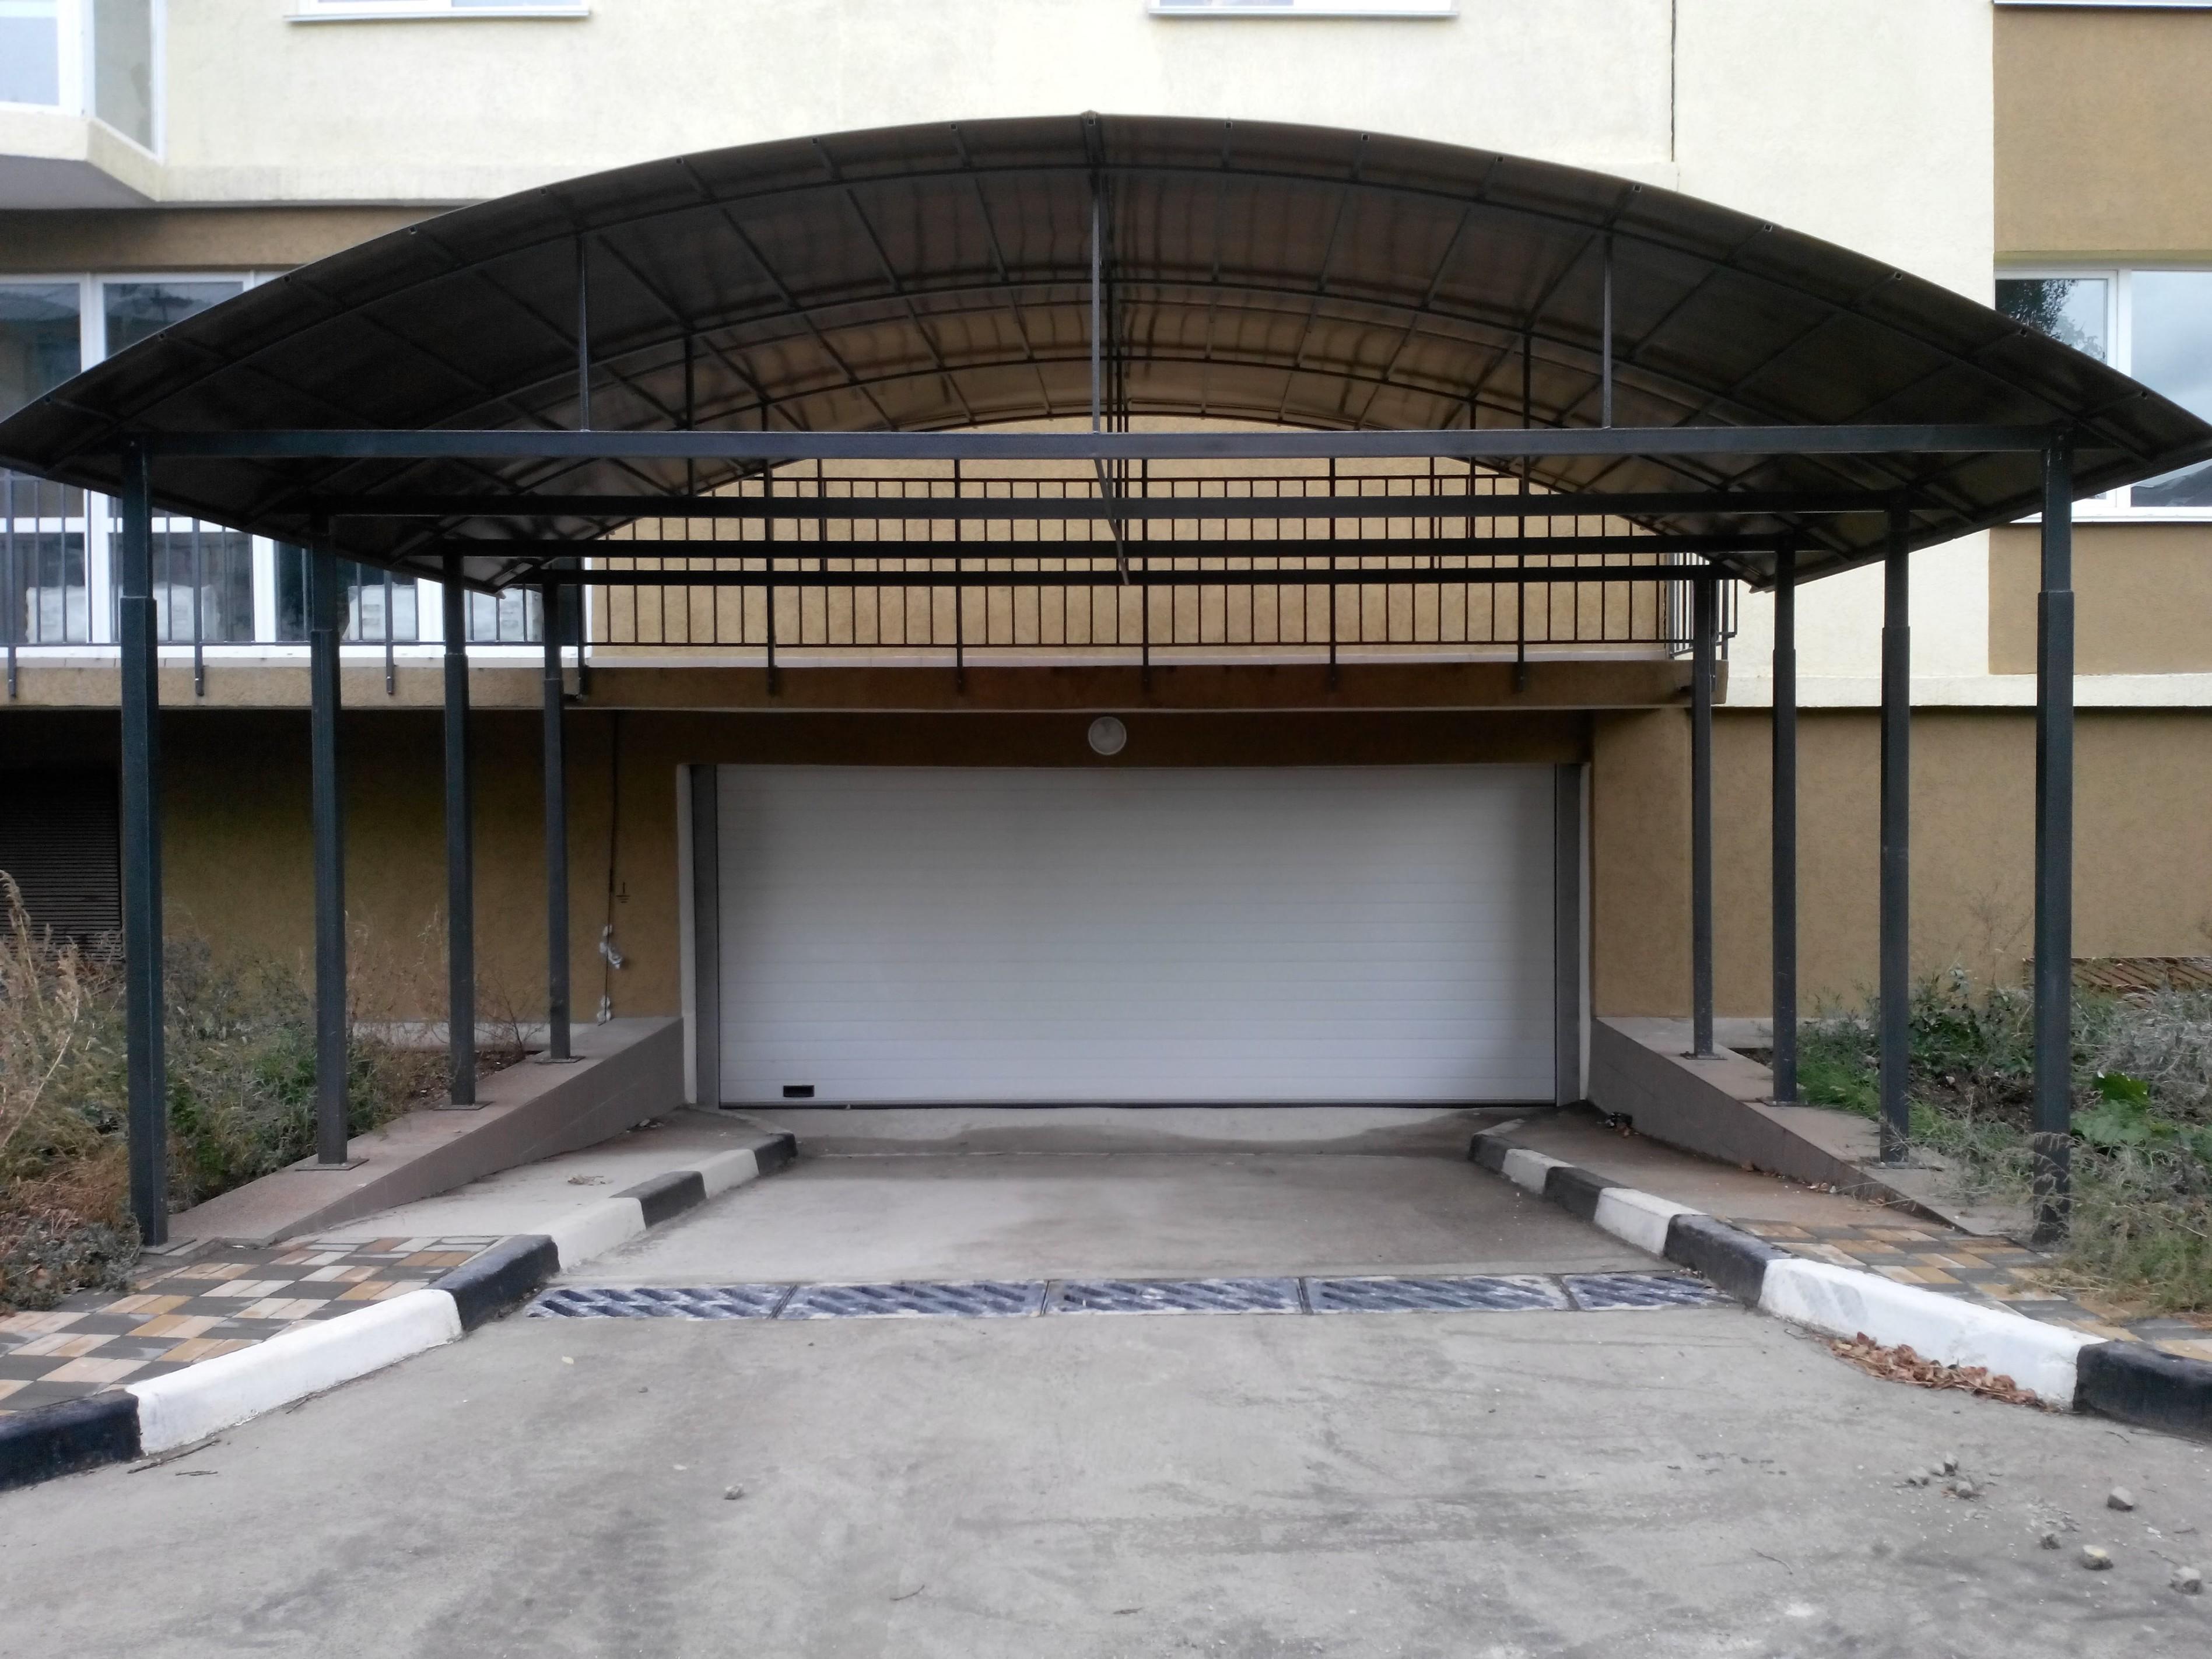 Продаются парко место в подземном паркинге  г. Симферополь пр. Победы 36.